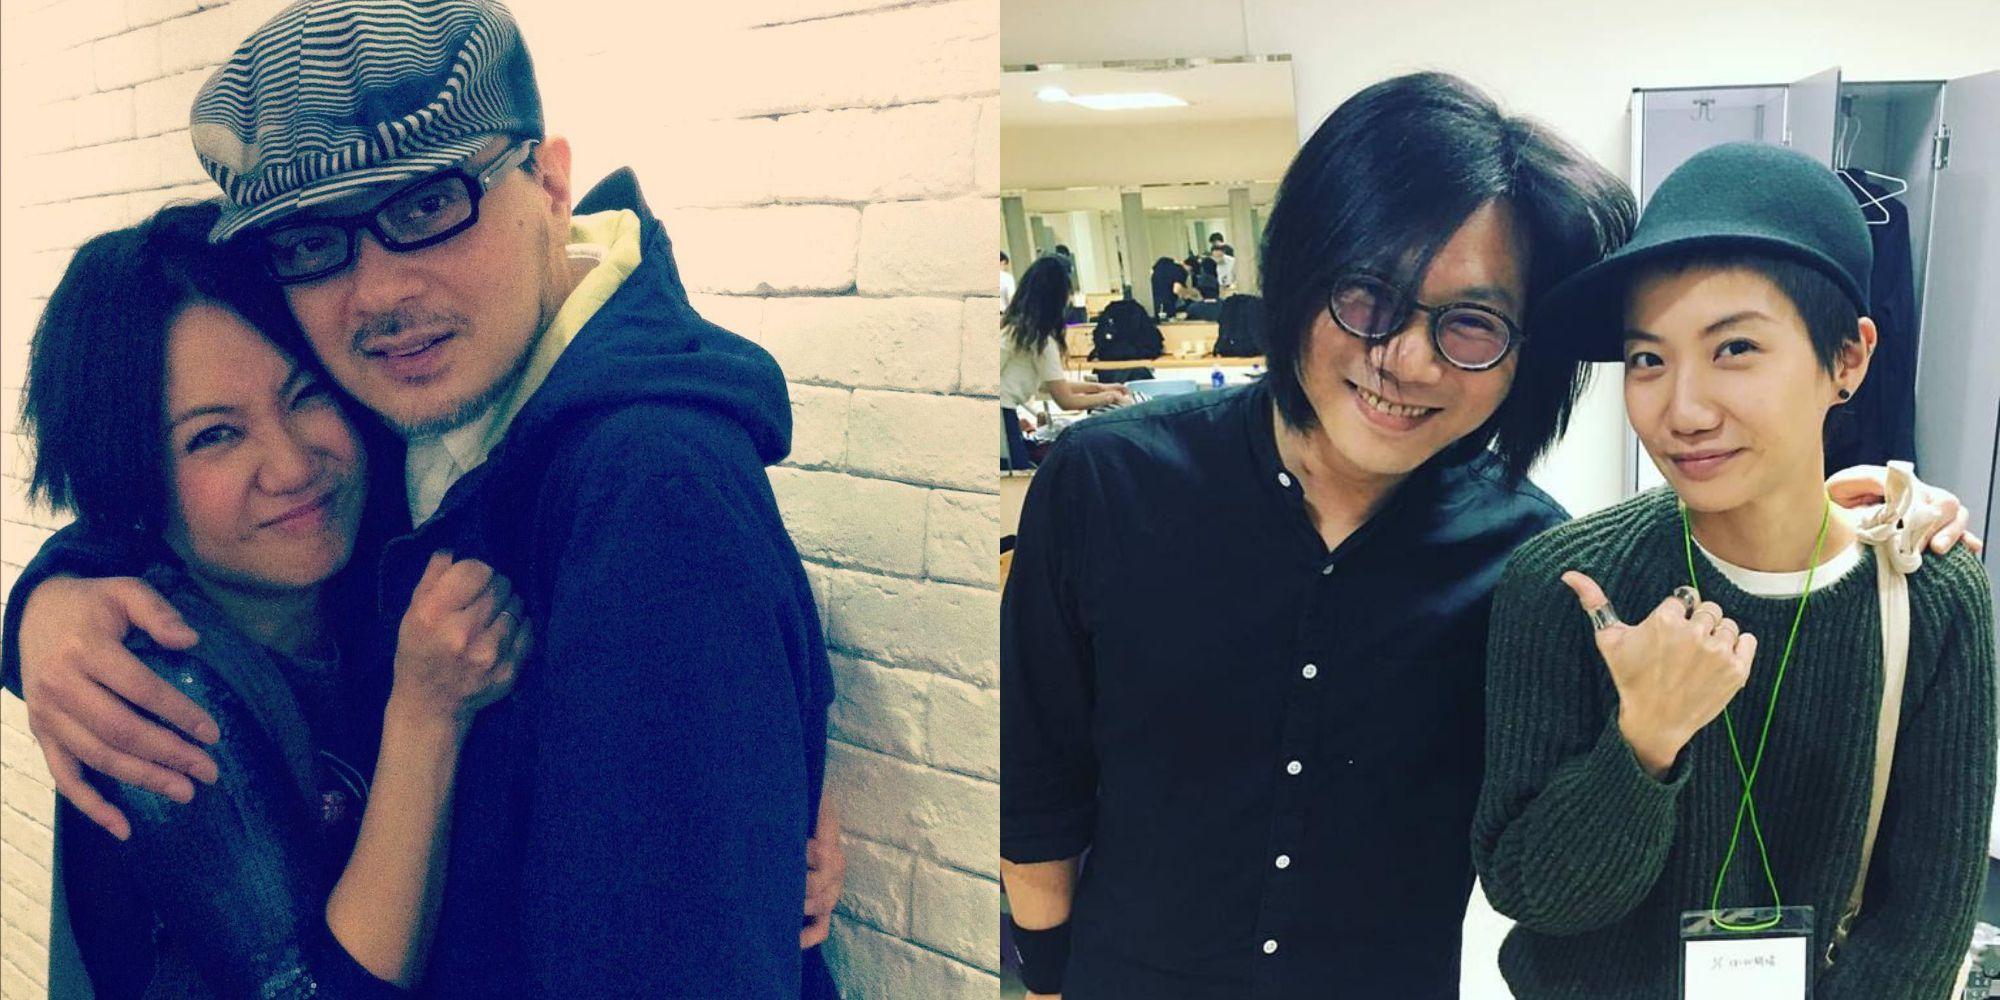 盧凱彤與許多音樂人都有好交情;左為她和視為恩師的香港歌手黃耀明,右圖是與五月天貝斯手瑪莎在演唱會後台合影。